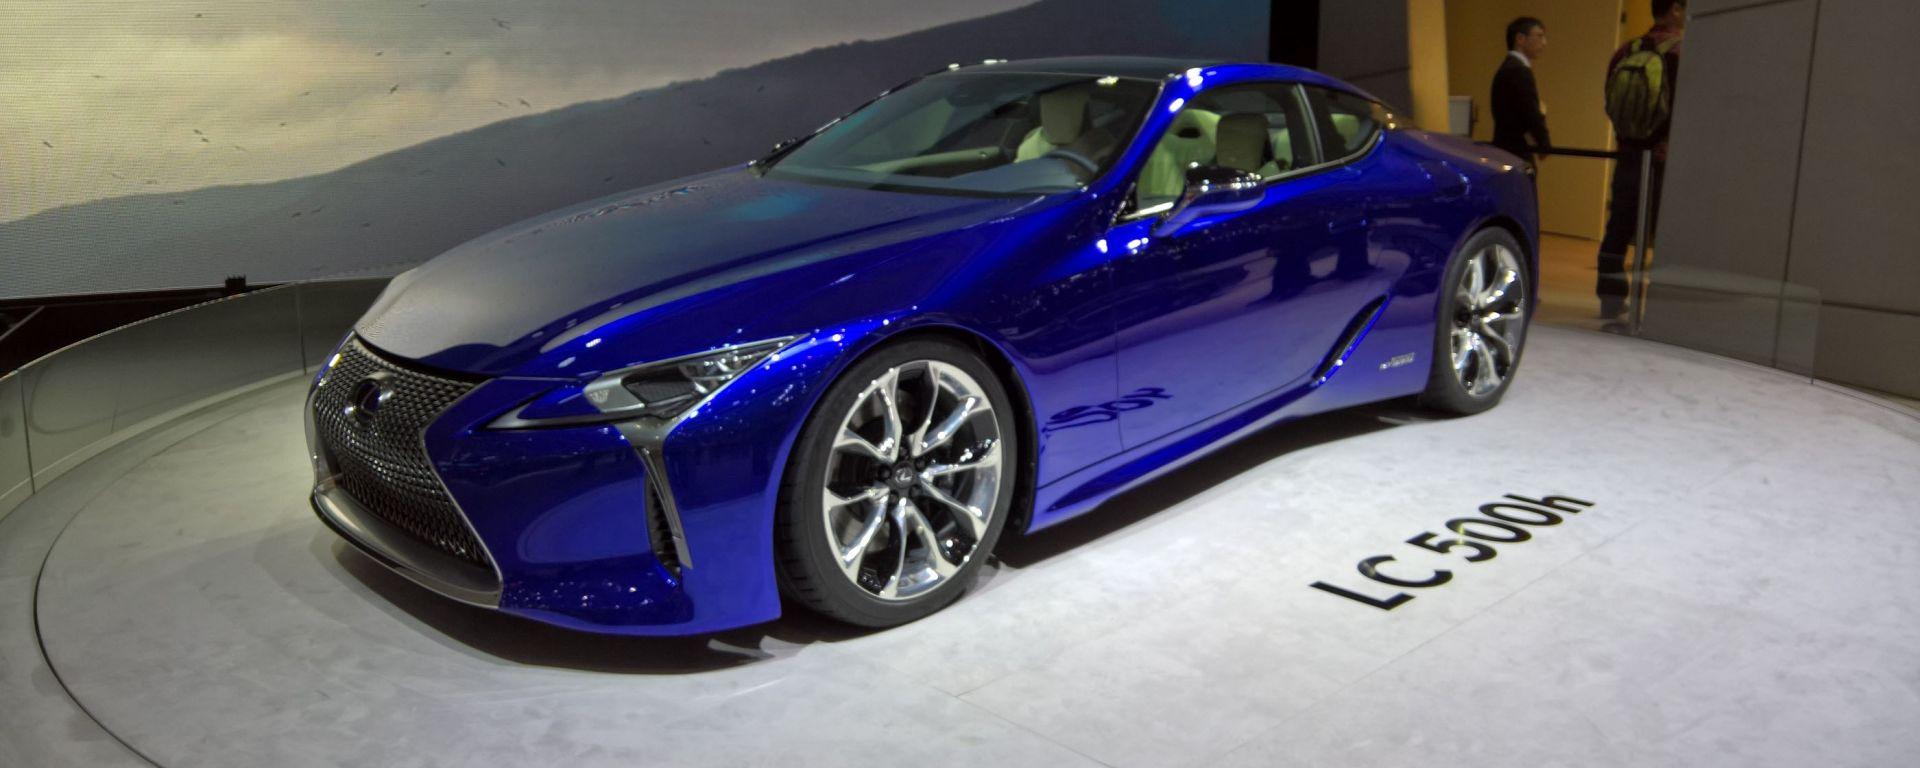 Ginevra 2016 - Notizie dalle Case: Lexus